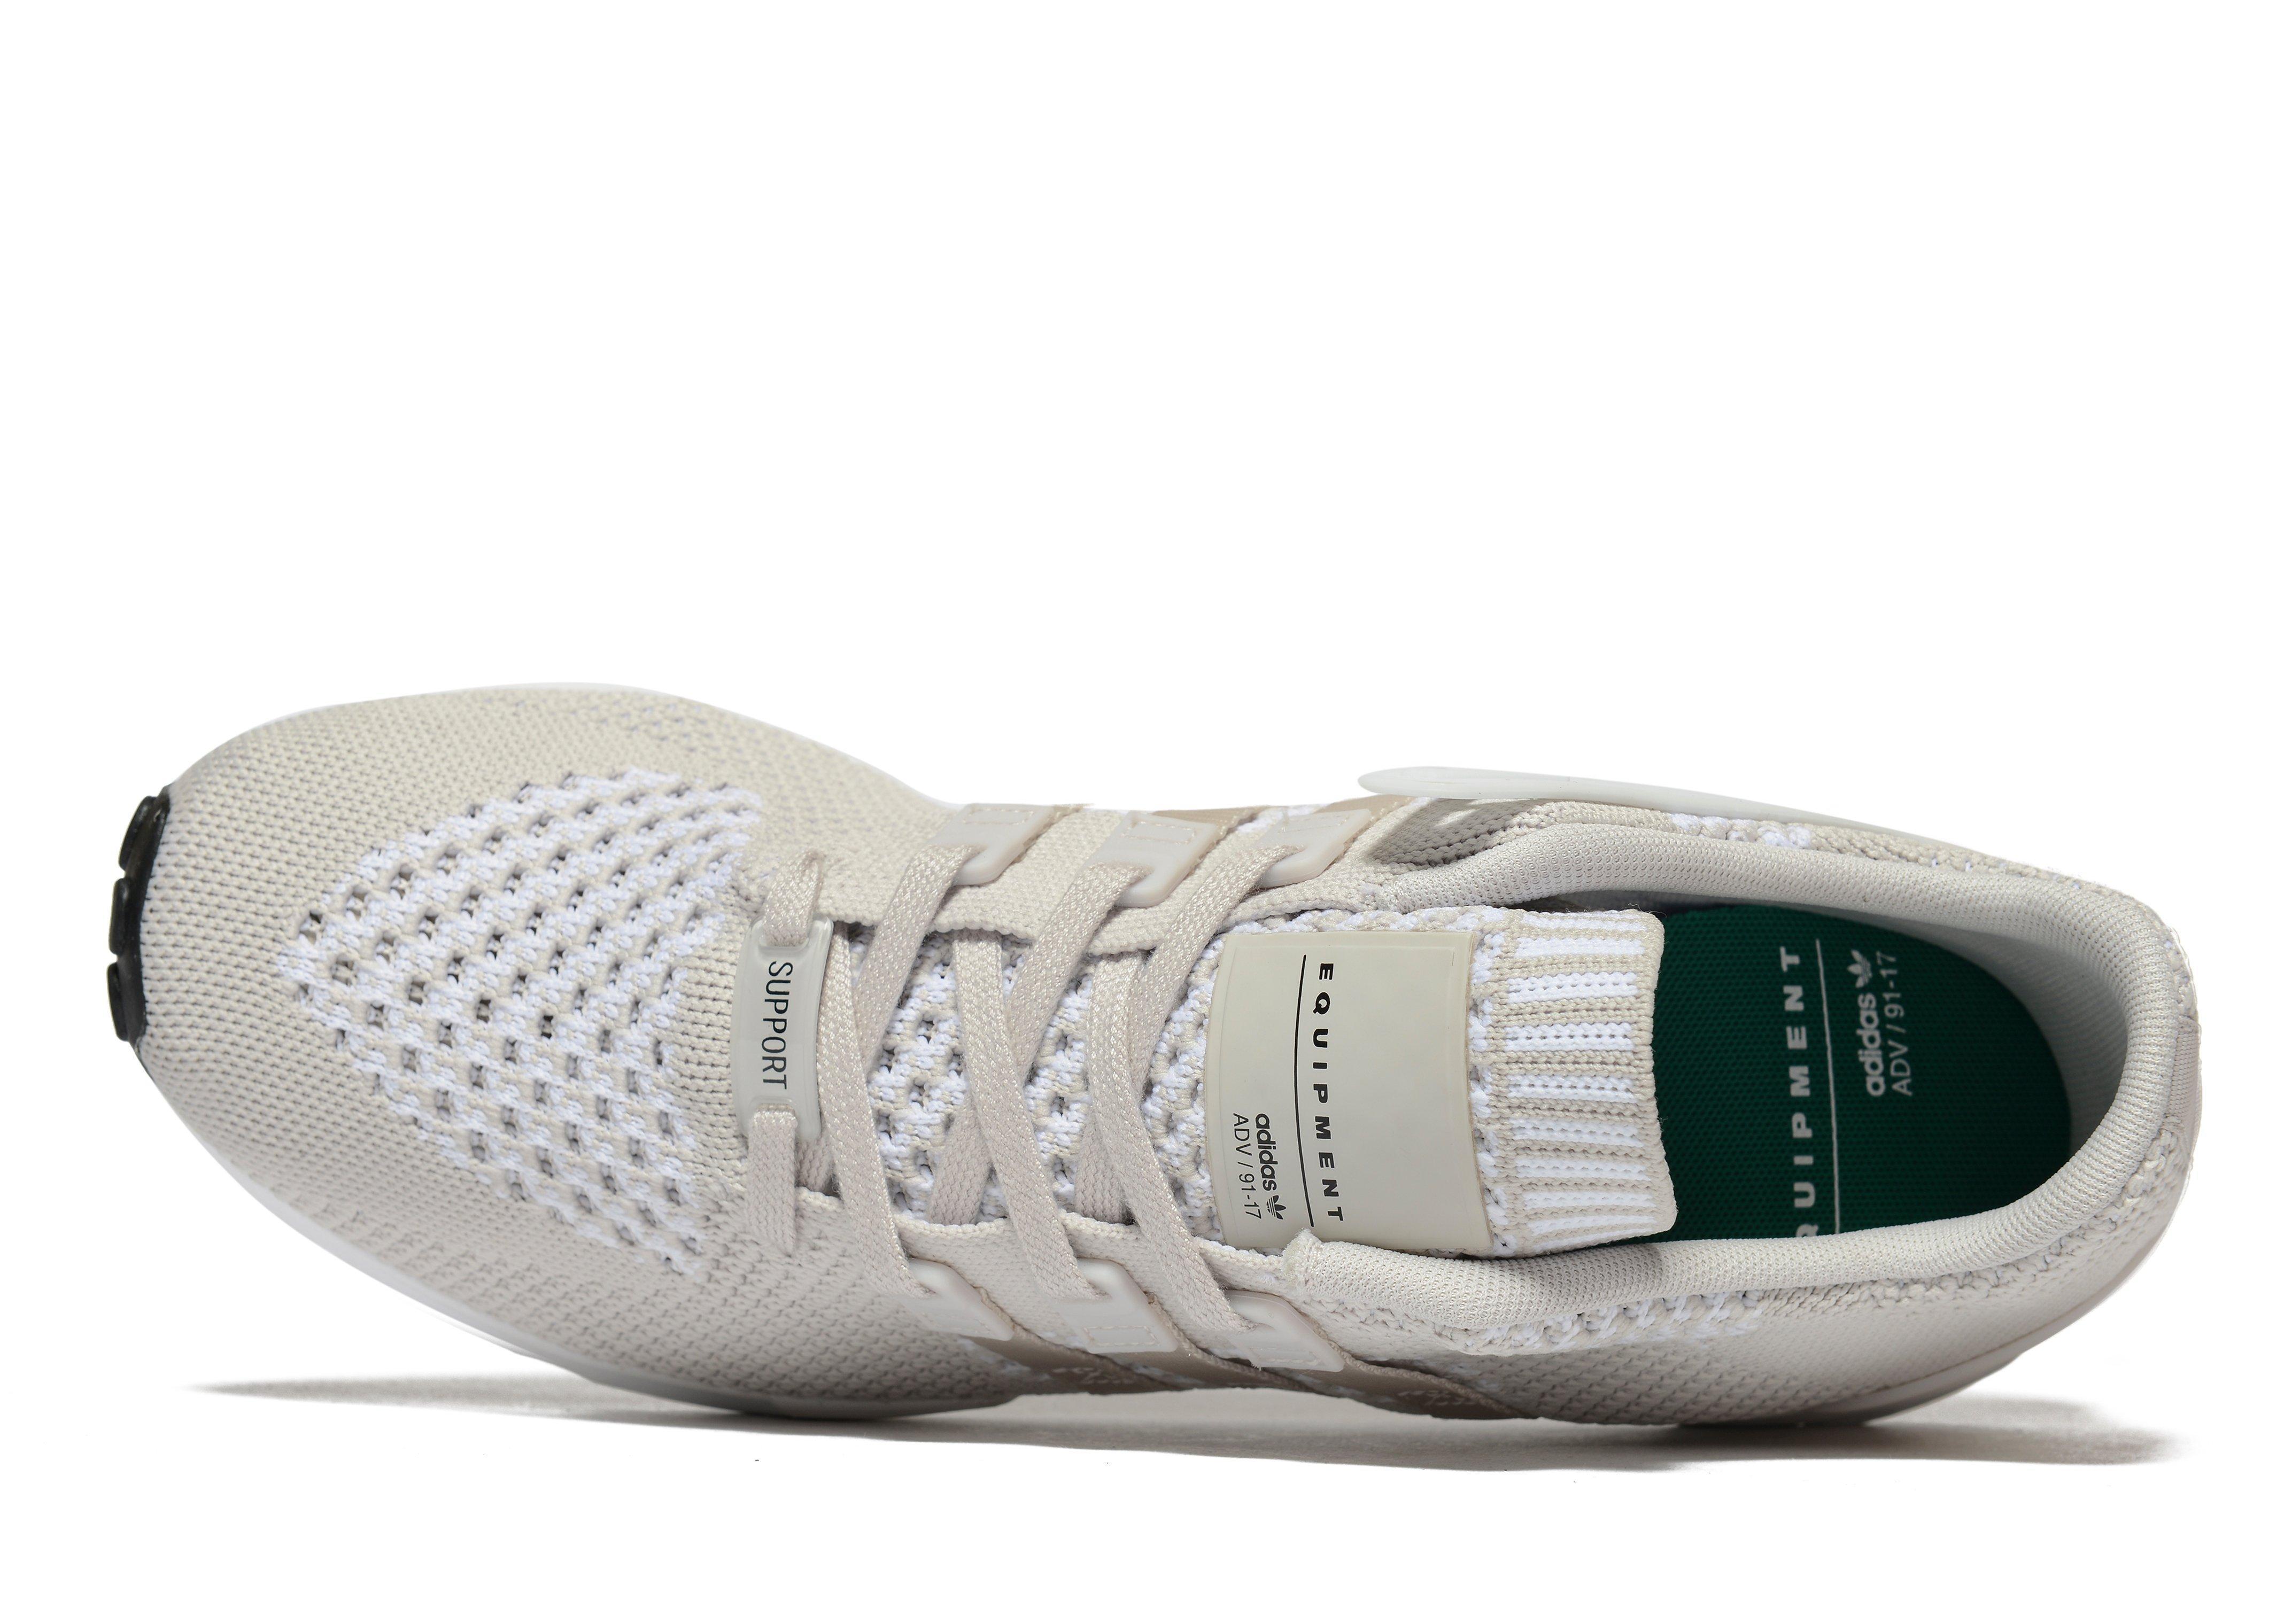 Lyst Adidas Originali Eqt Sostegno Delle Primeknit In Bianco Per Gli Uomini.